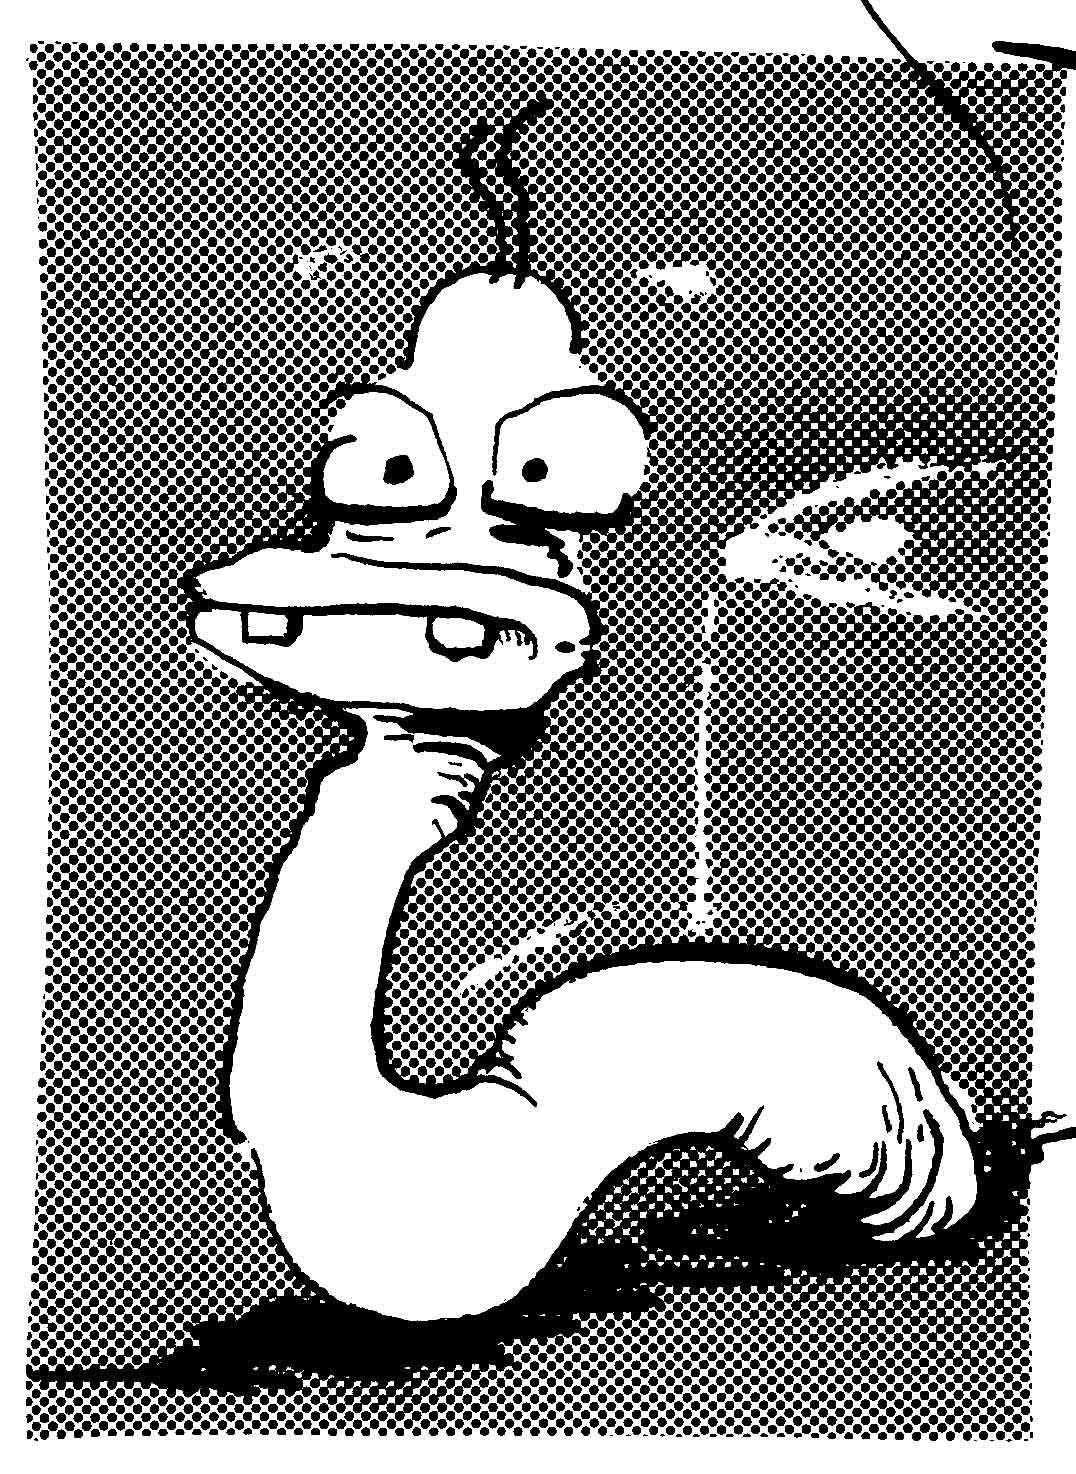 worm by spidol